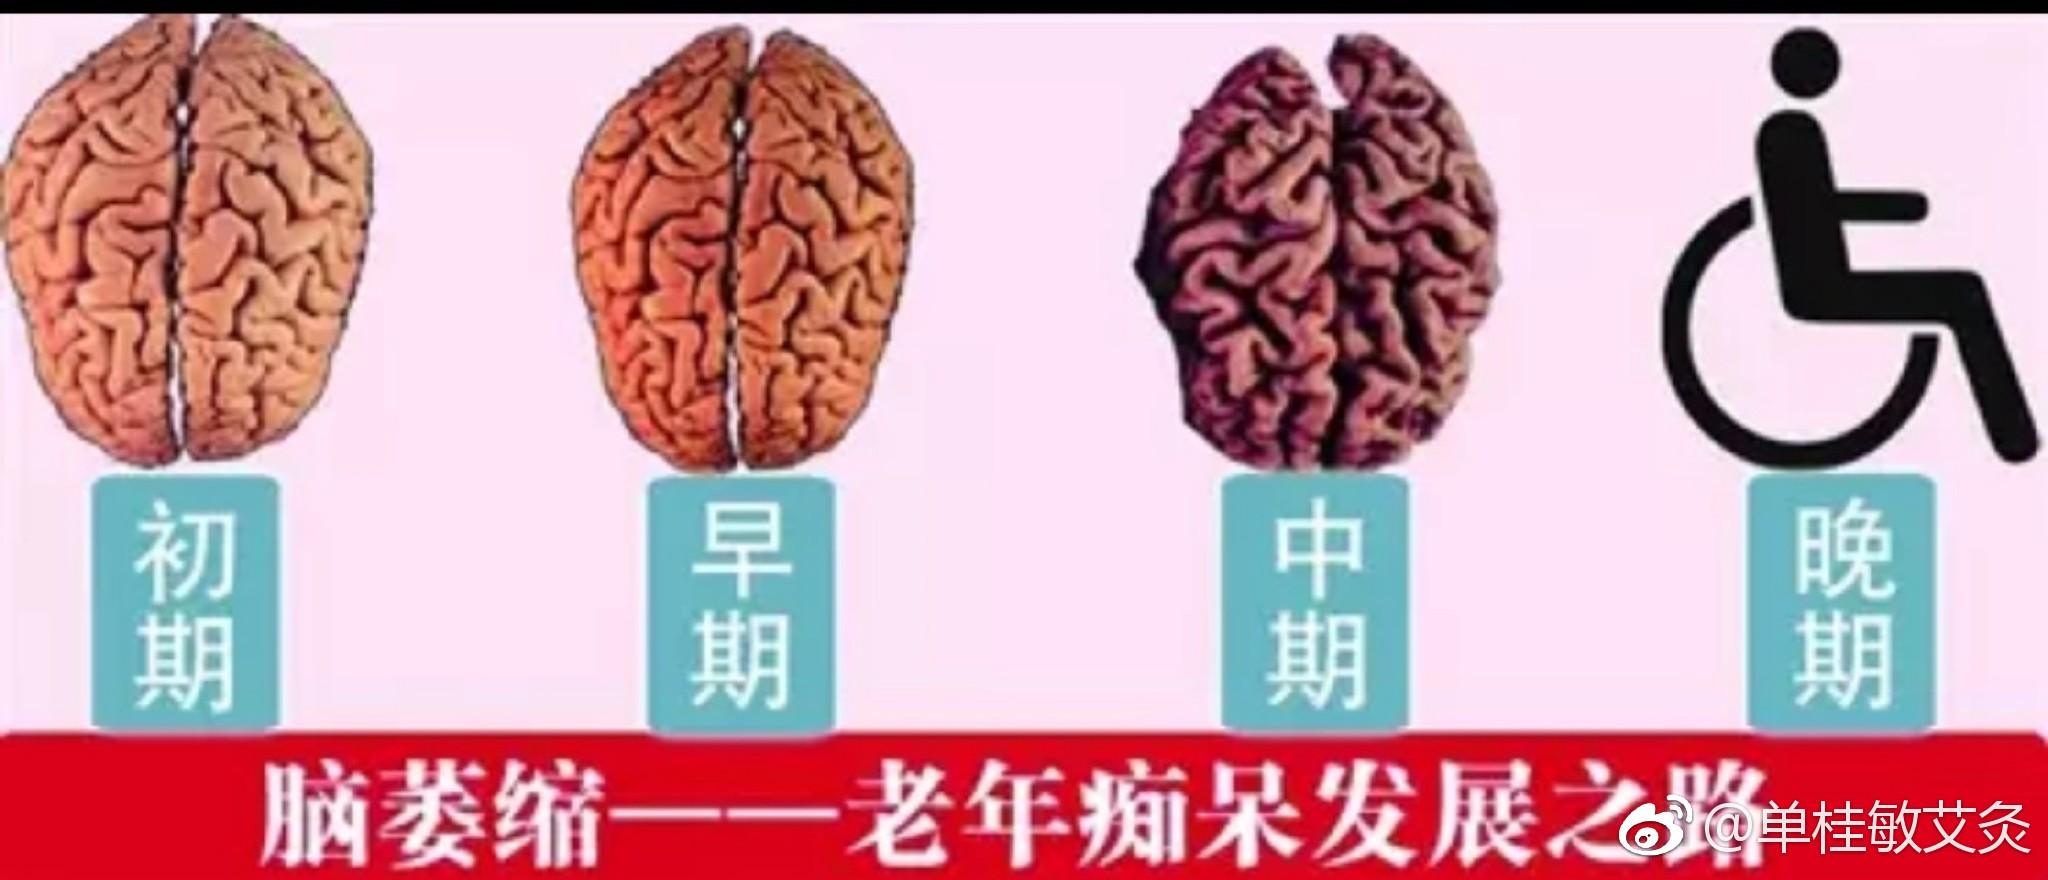 脑萎缩是老年痴呆的发展过程